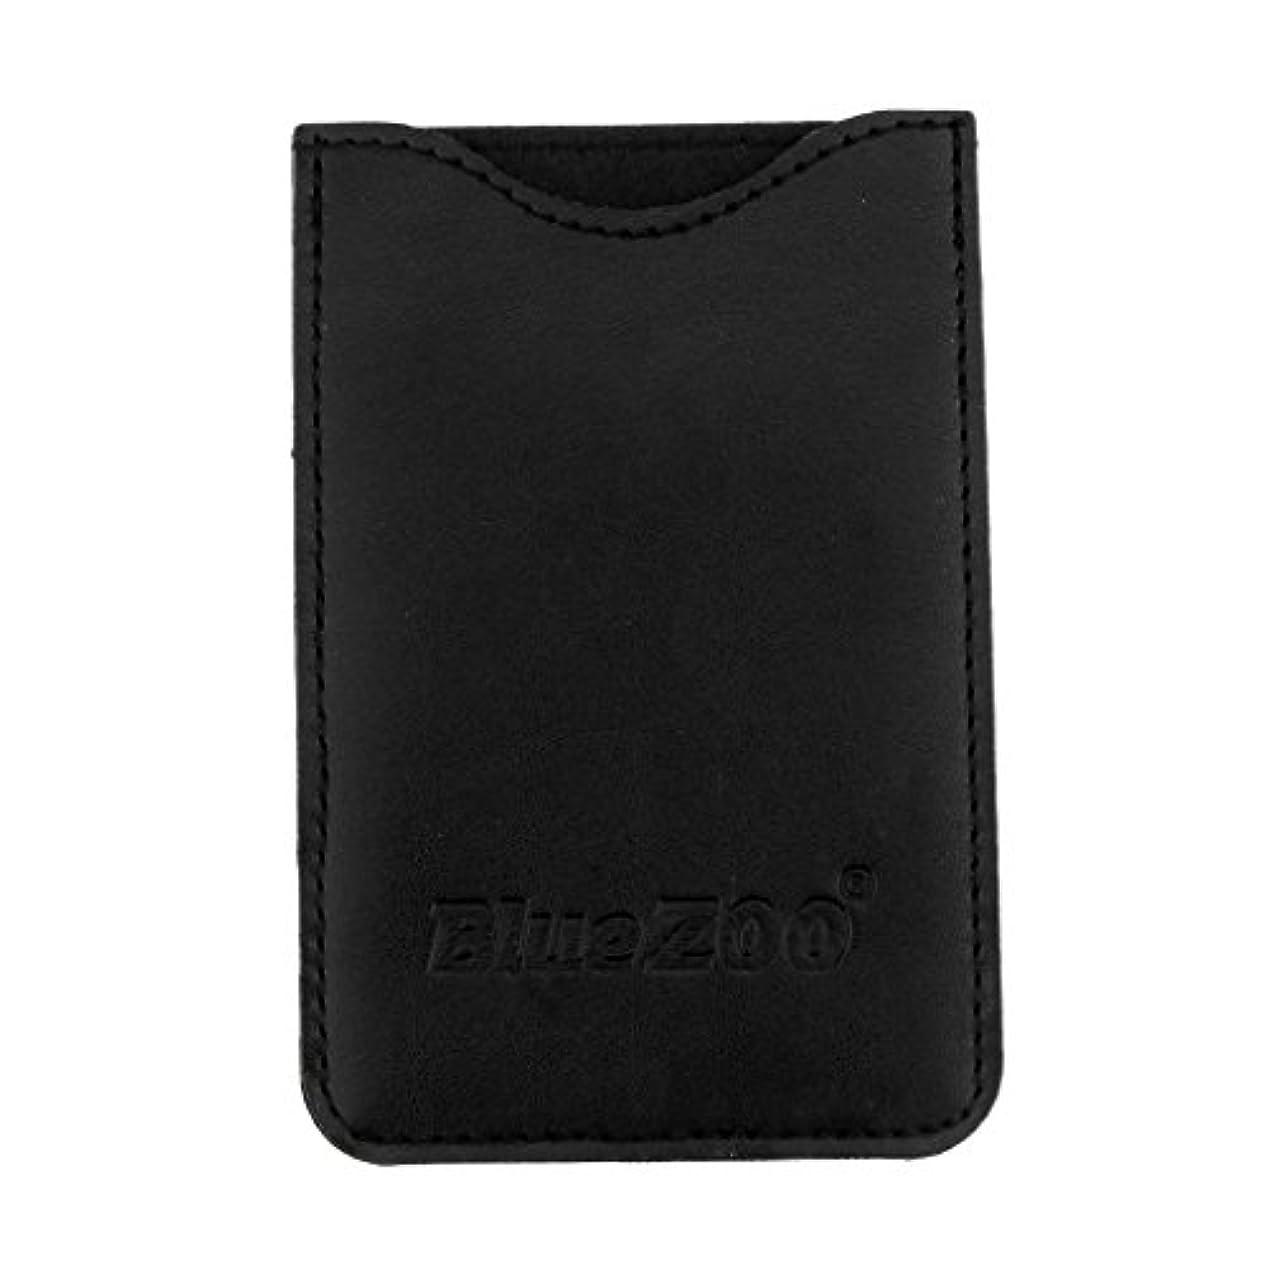 分析的な子猫書くToygogo PUレザー ポケット コームバッグ 櫛バッグ 収納パック 保護カバー 柔らかい 全2色 - ブラック